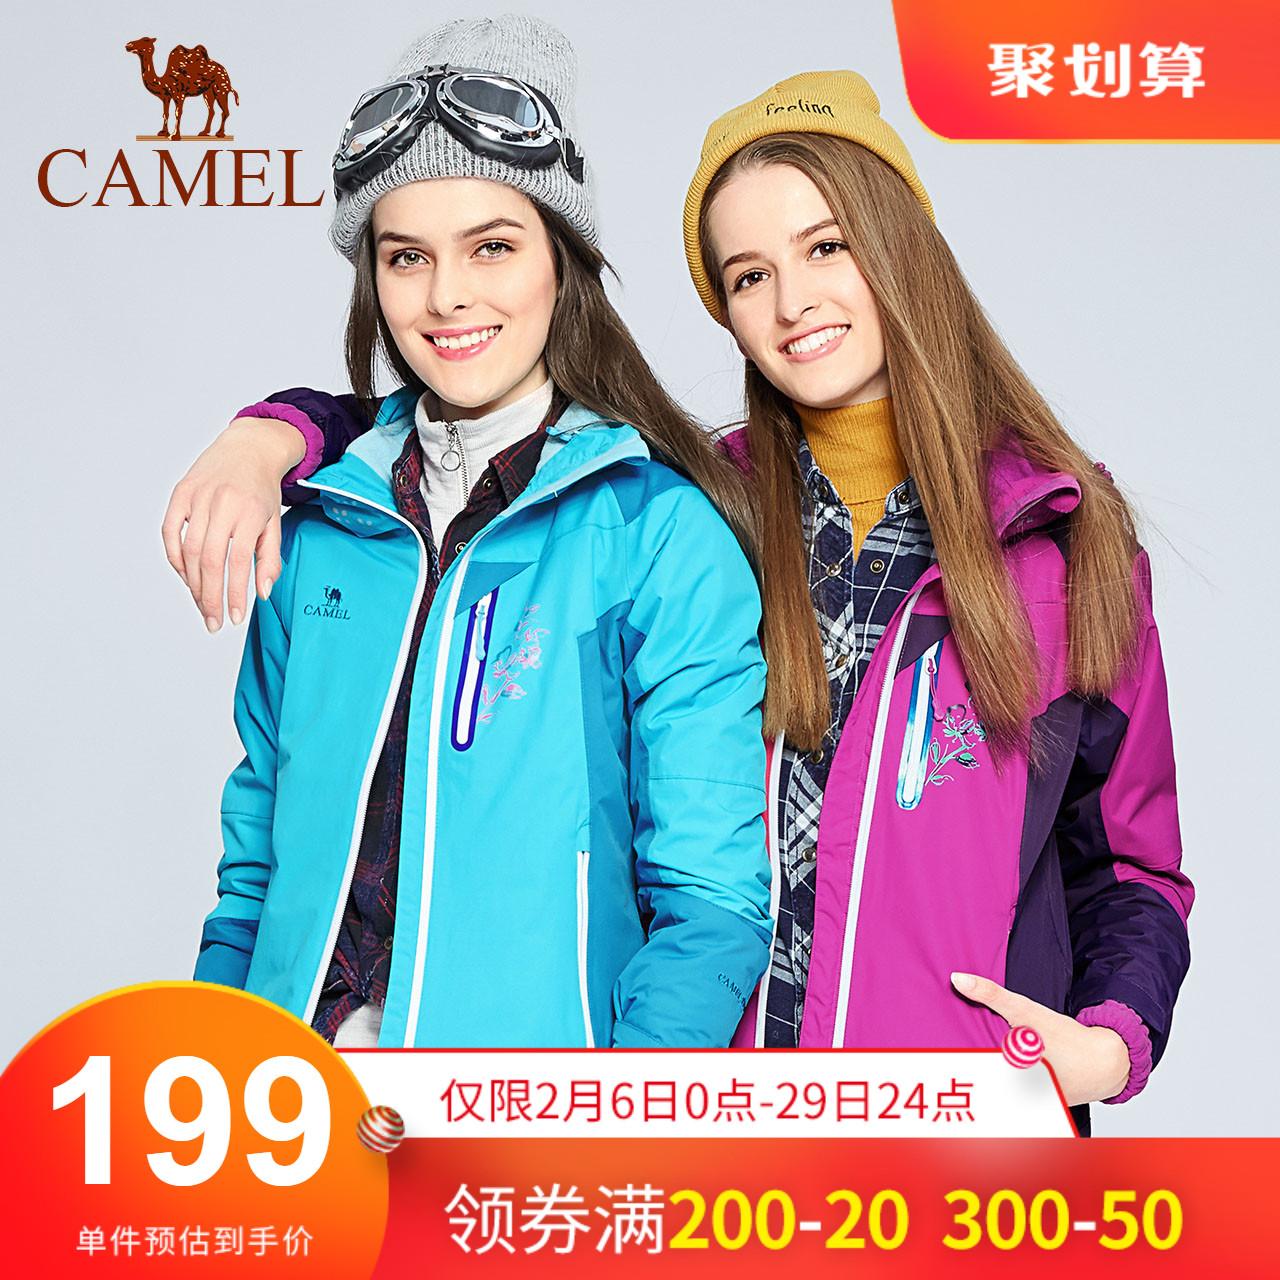 骆驼户外冲锋衣 女款防风保暖两件套三合一冲锋衣女